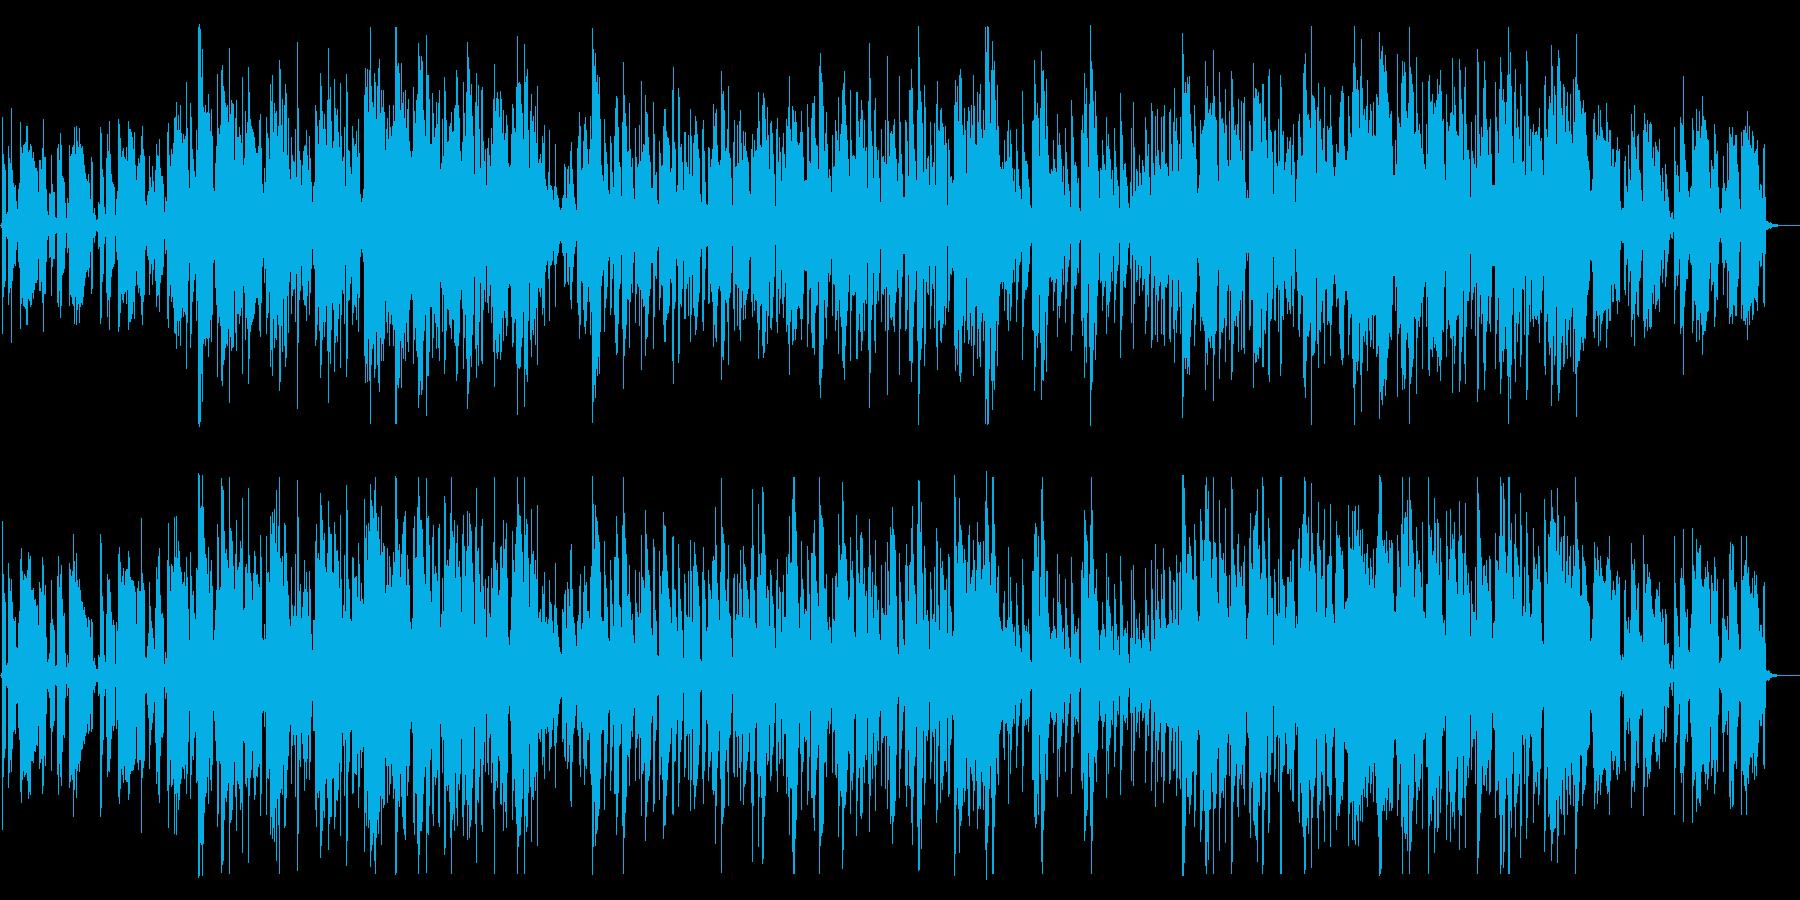 しっとりとした深みのある大人なジャズの再生済みの波形